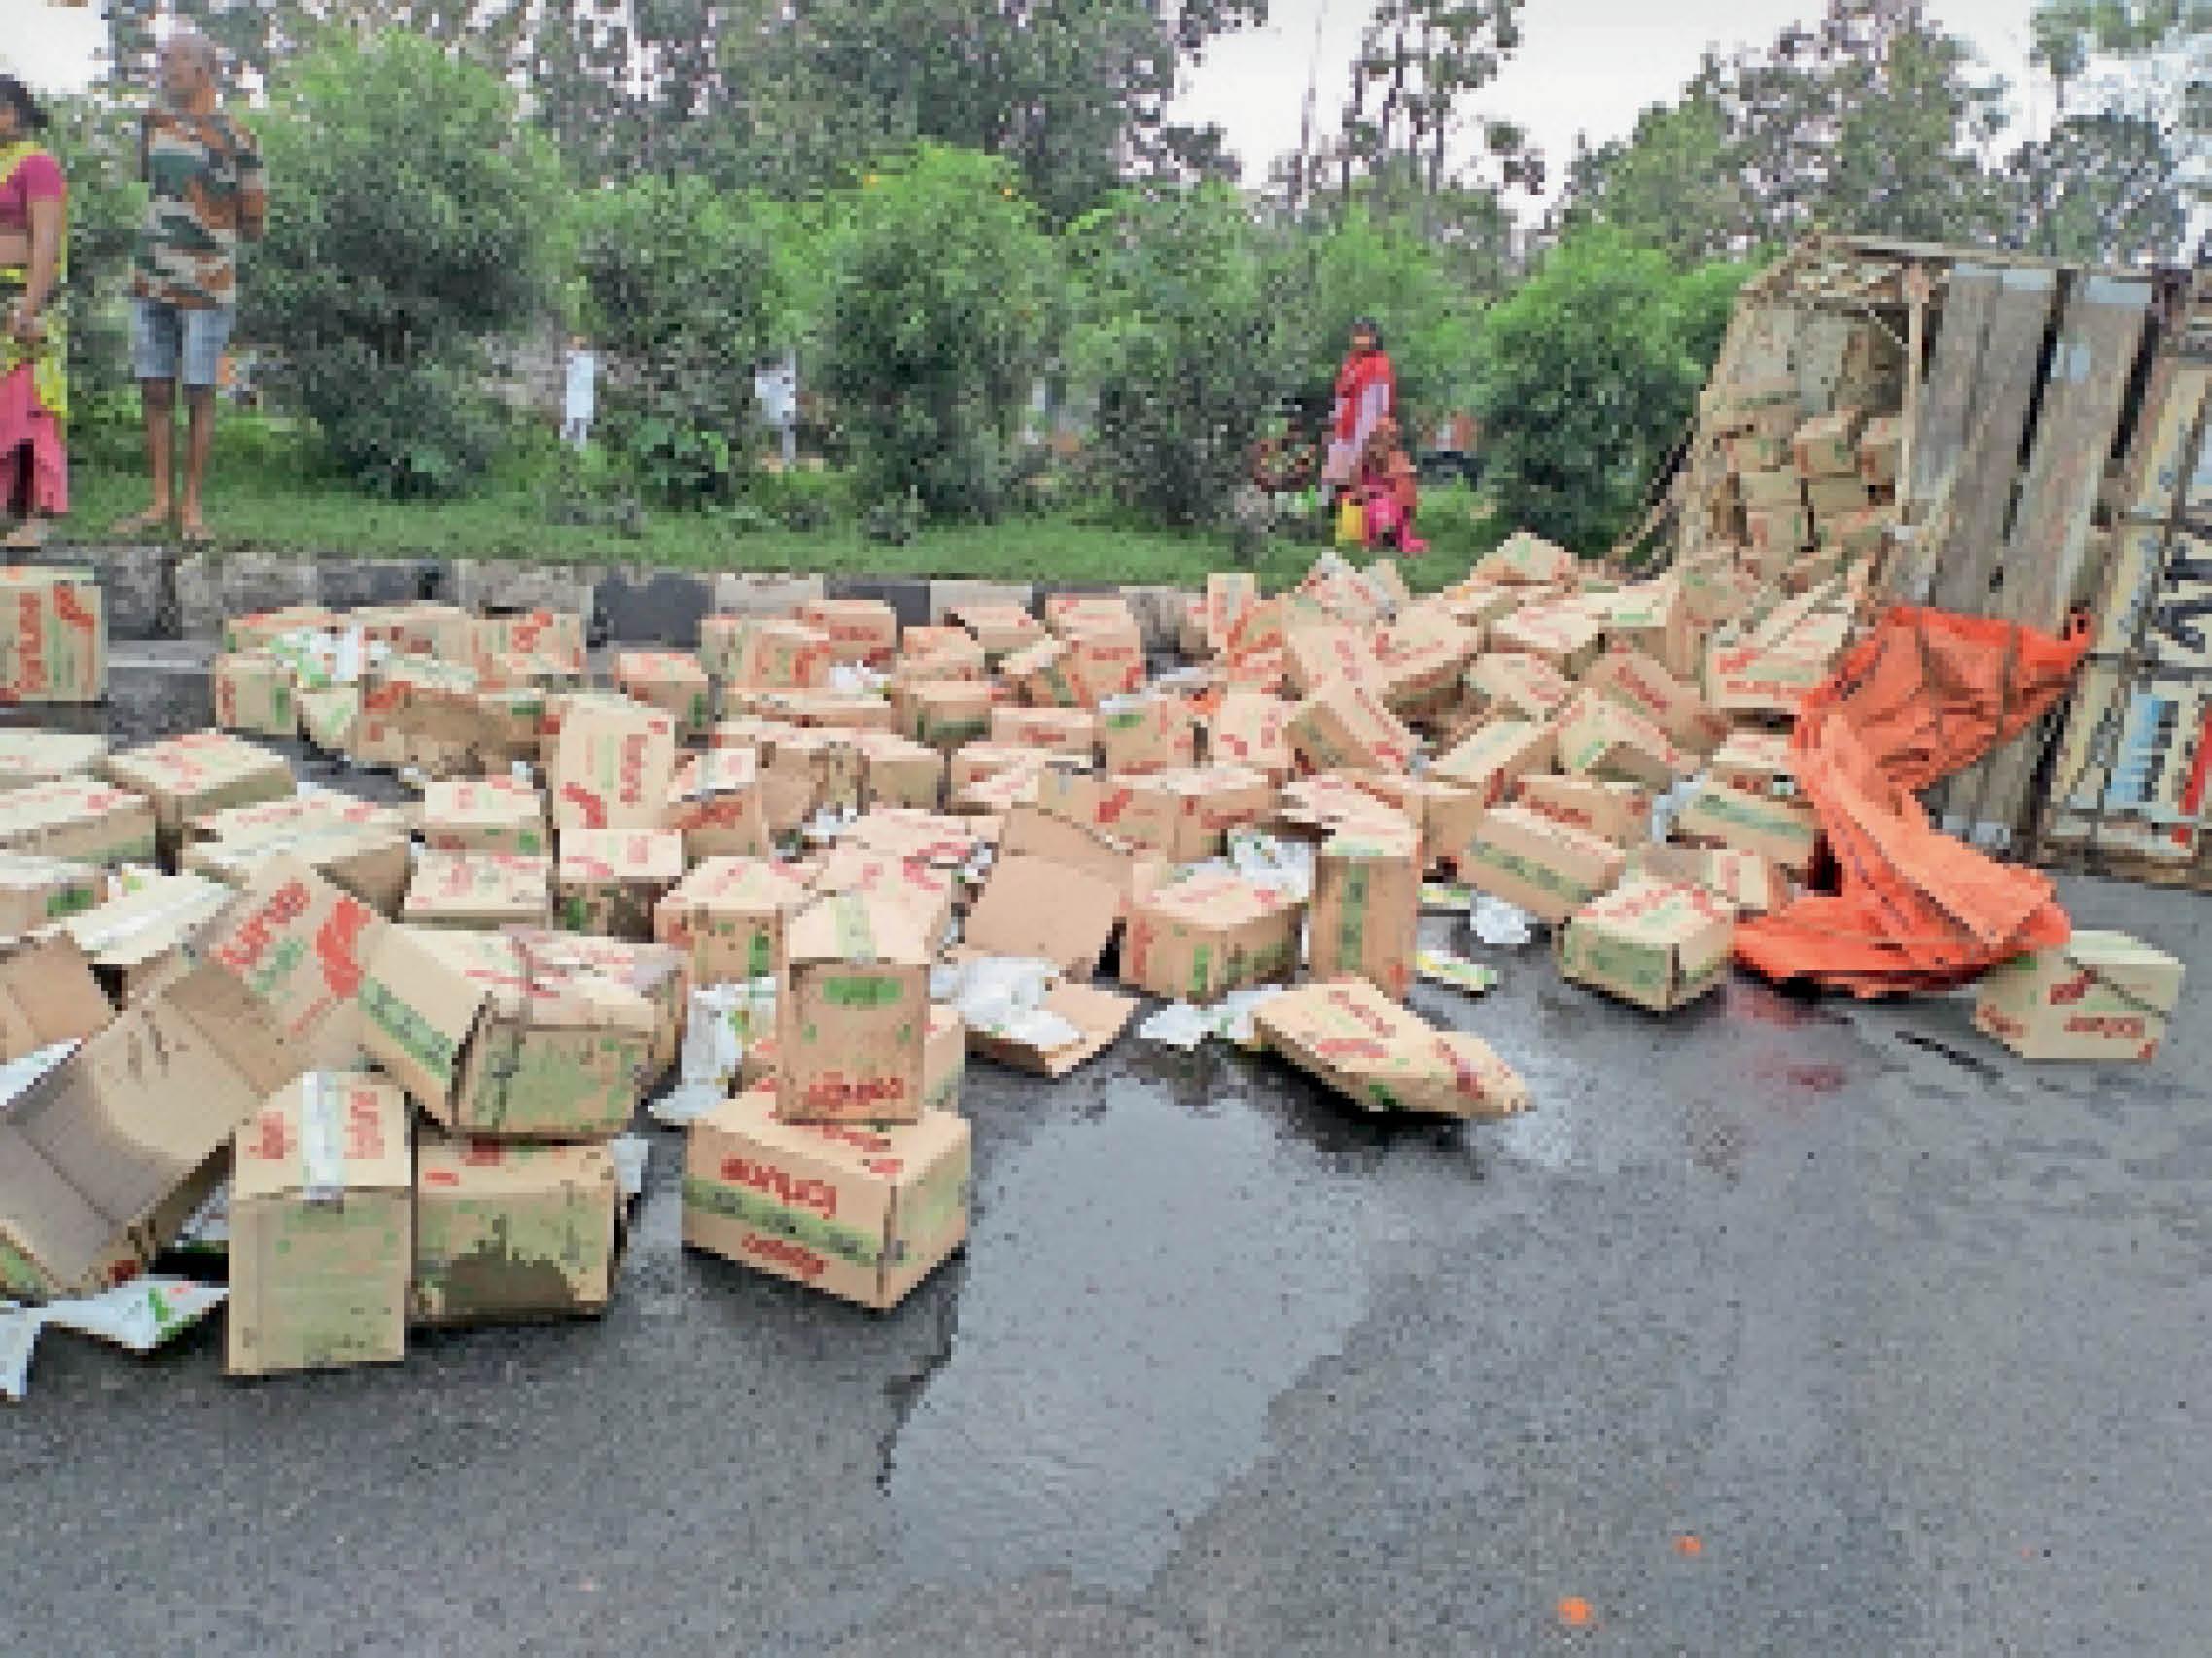 रिफाइन लदा 407 ट्रक पलटा, सड़क पर बिखरा तेल। - Dainik Bhaskar